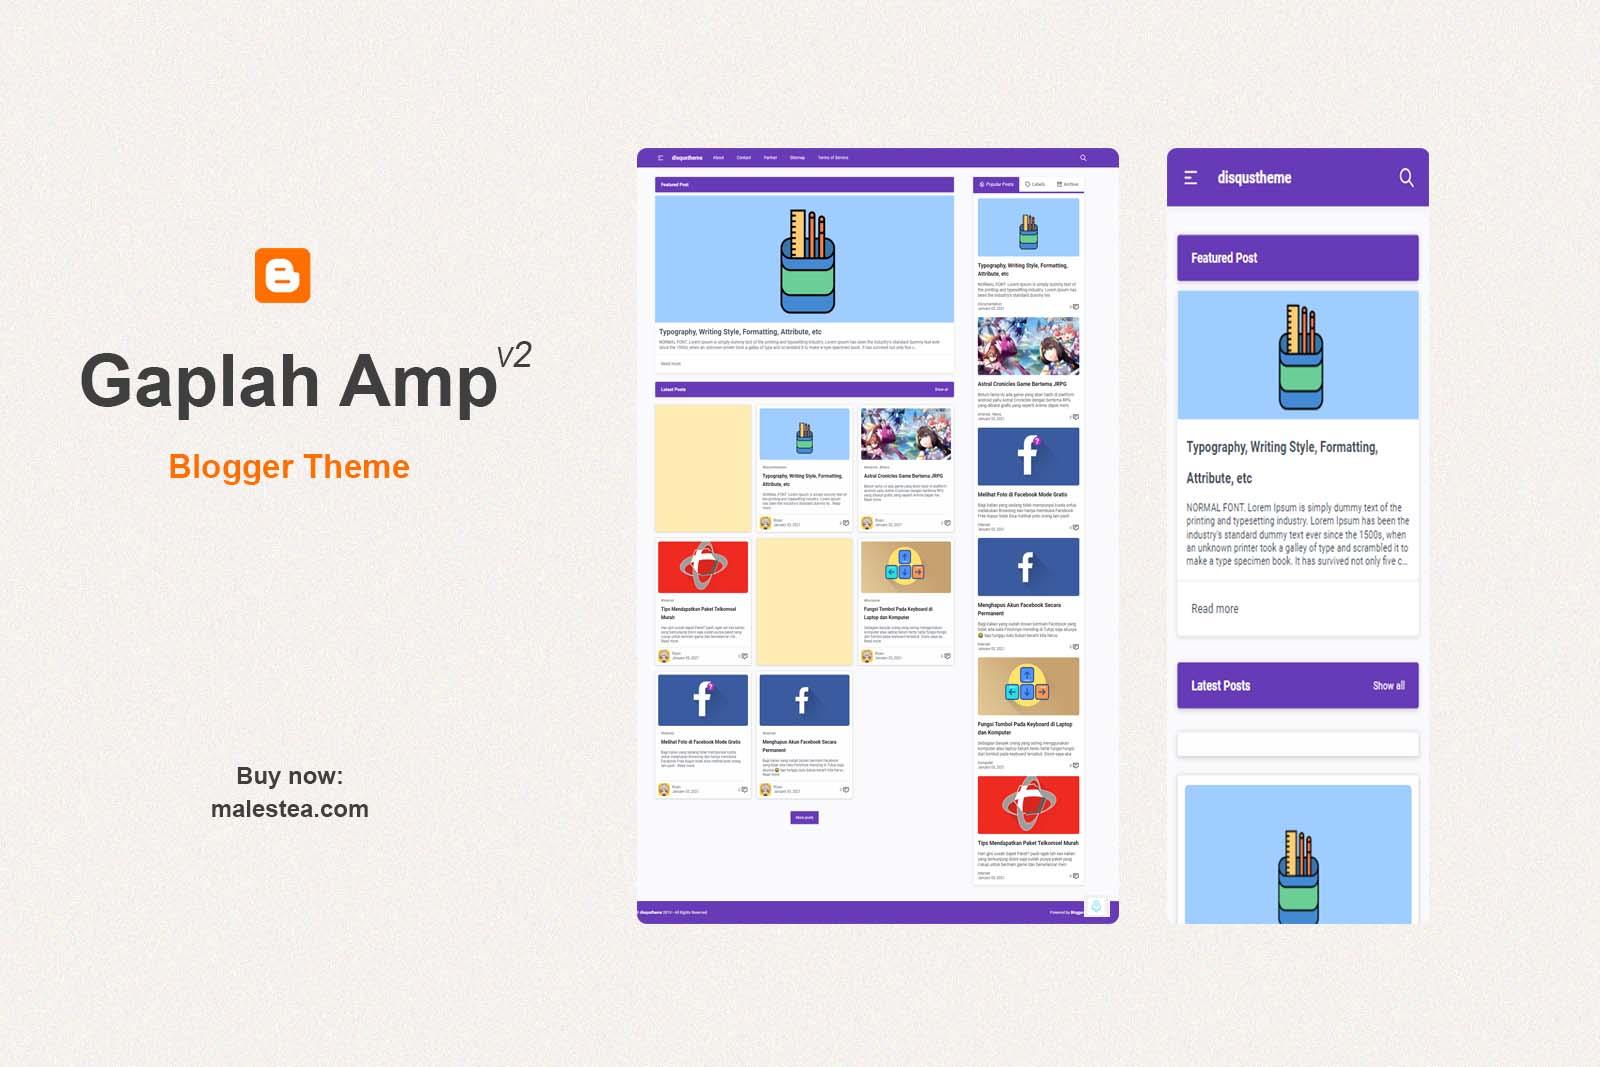 Gapleh Amp Theme Documentation